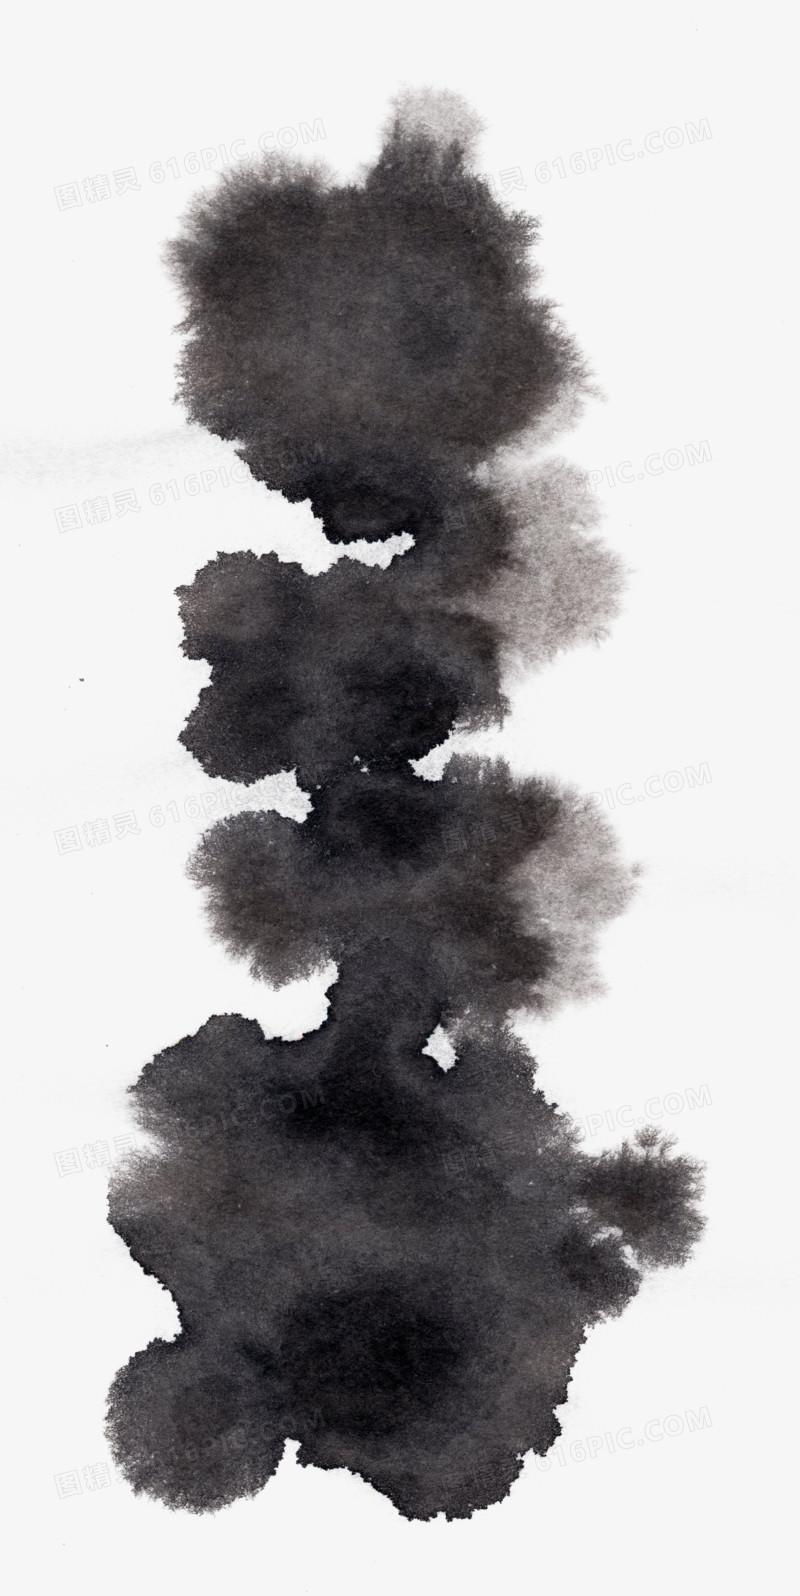 水墨素材水墨笔触素材 中国风墨迹